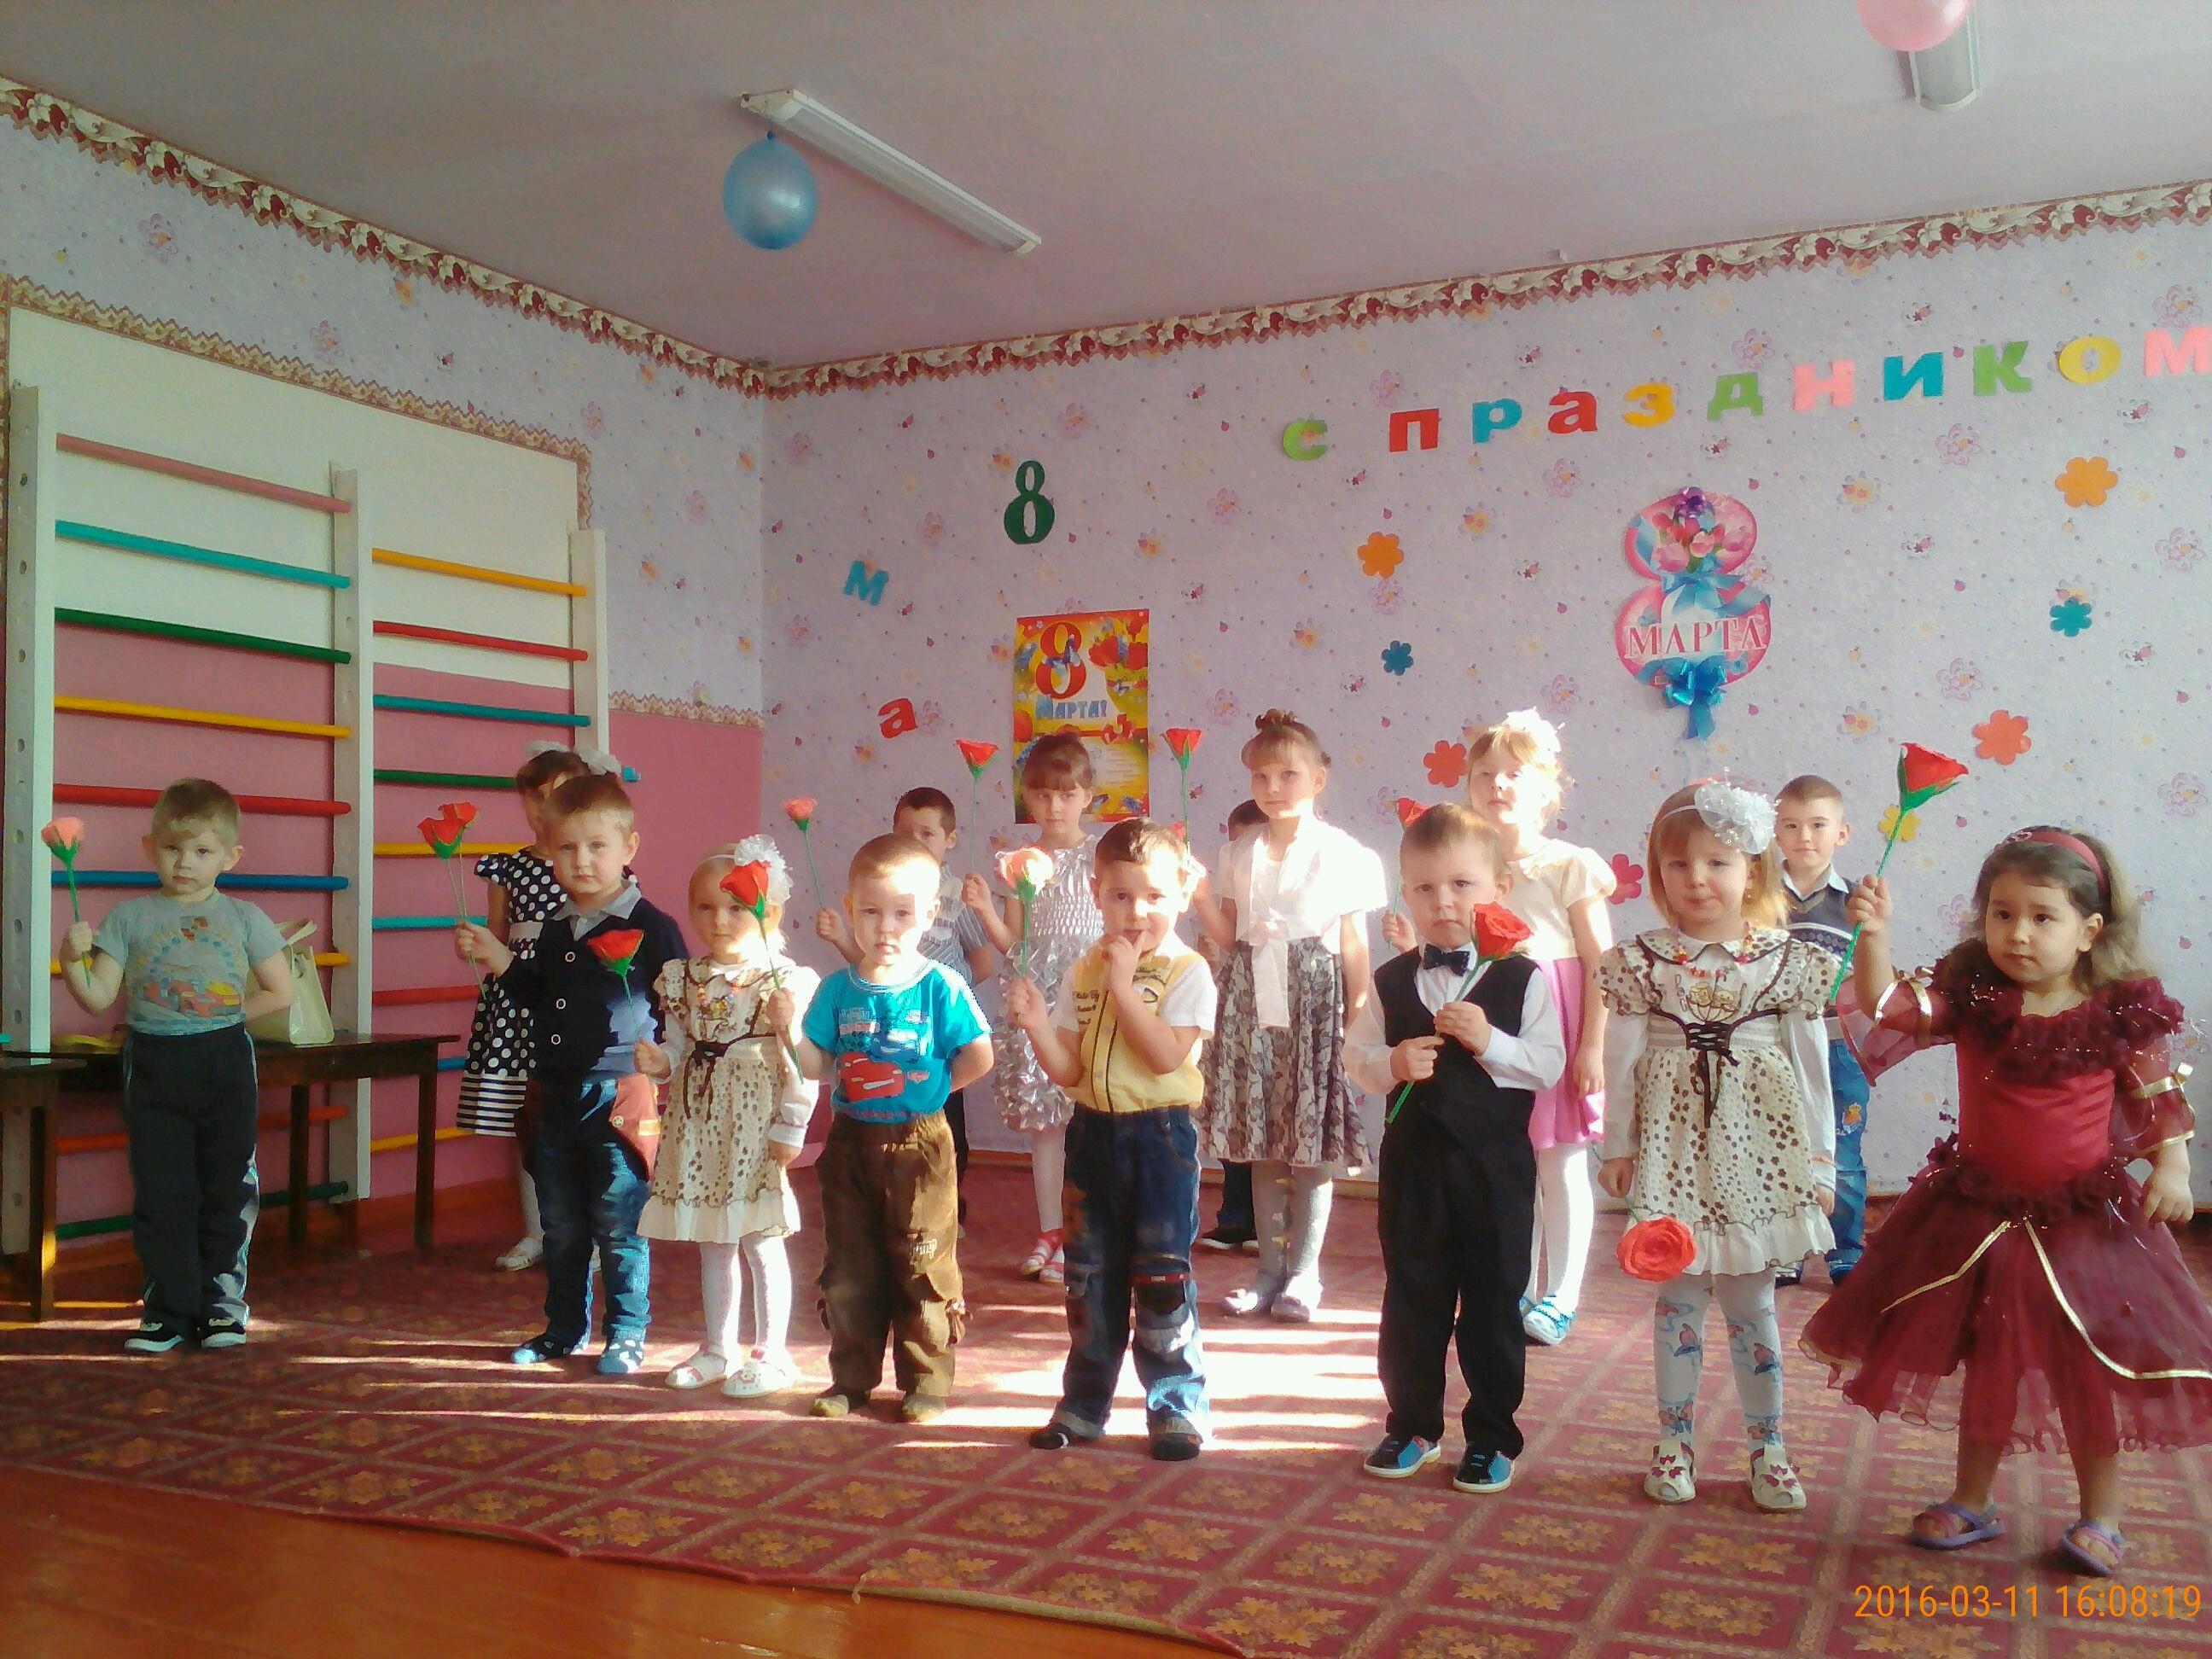 праздник 8 марта - выступление детей, посвященное мамам и бабушкам